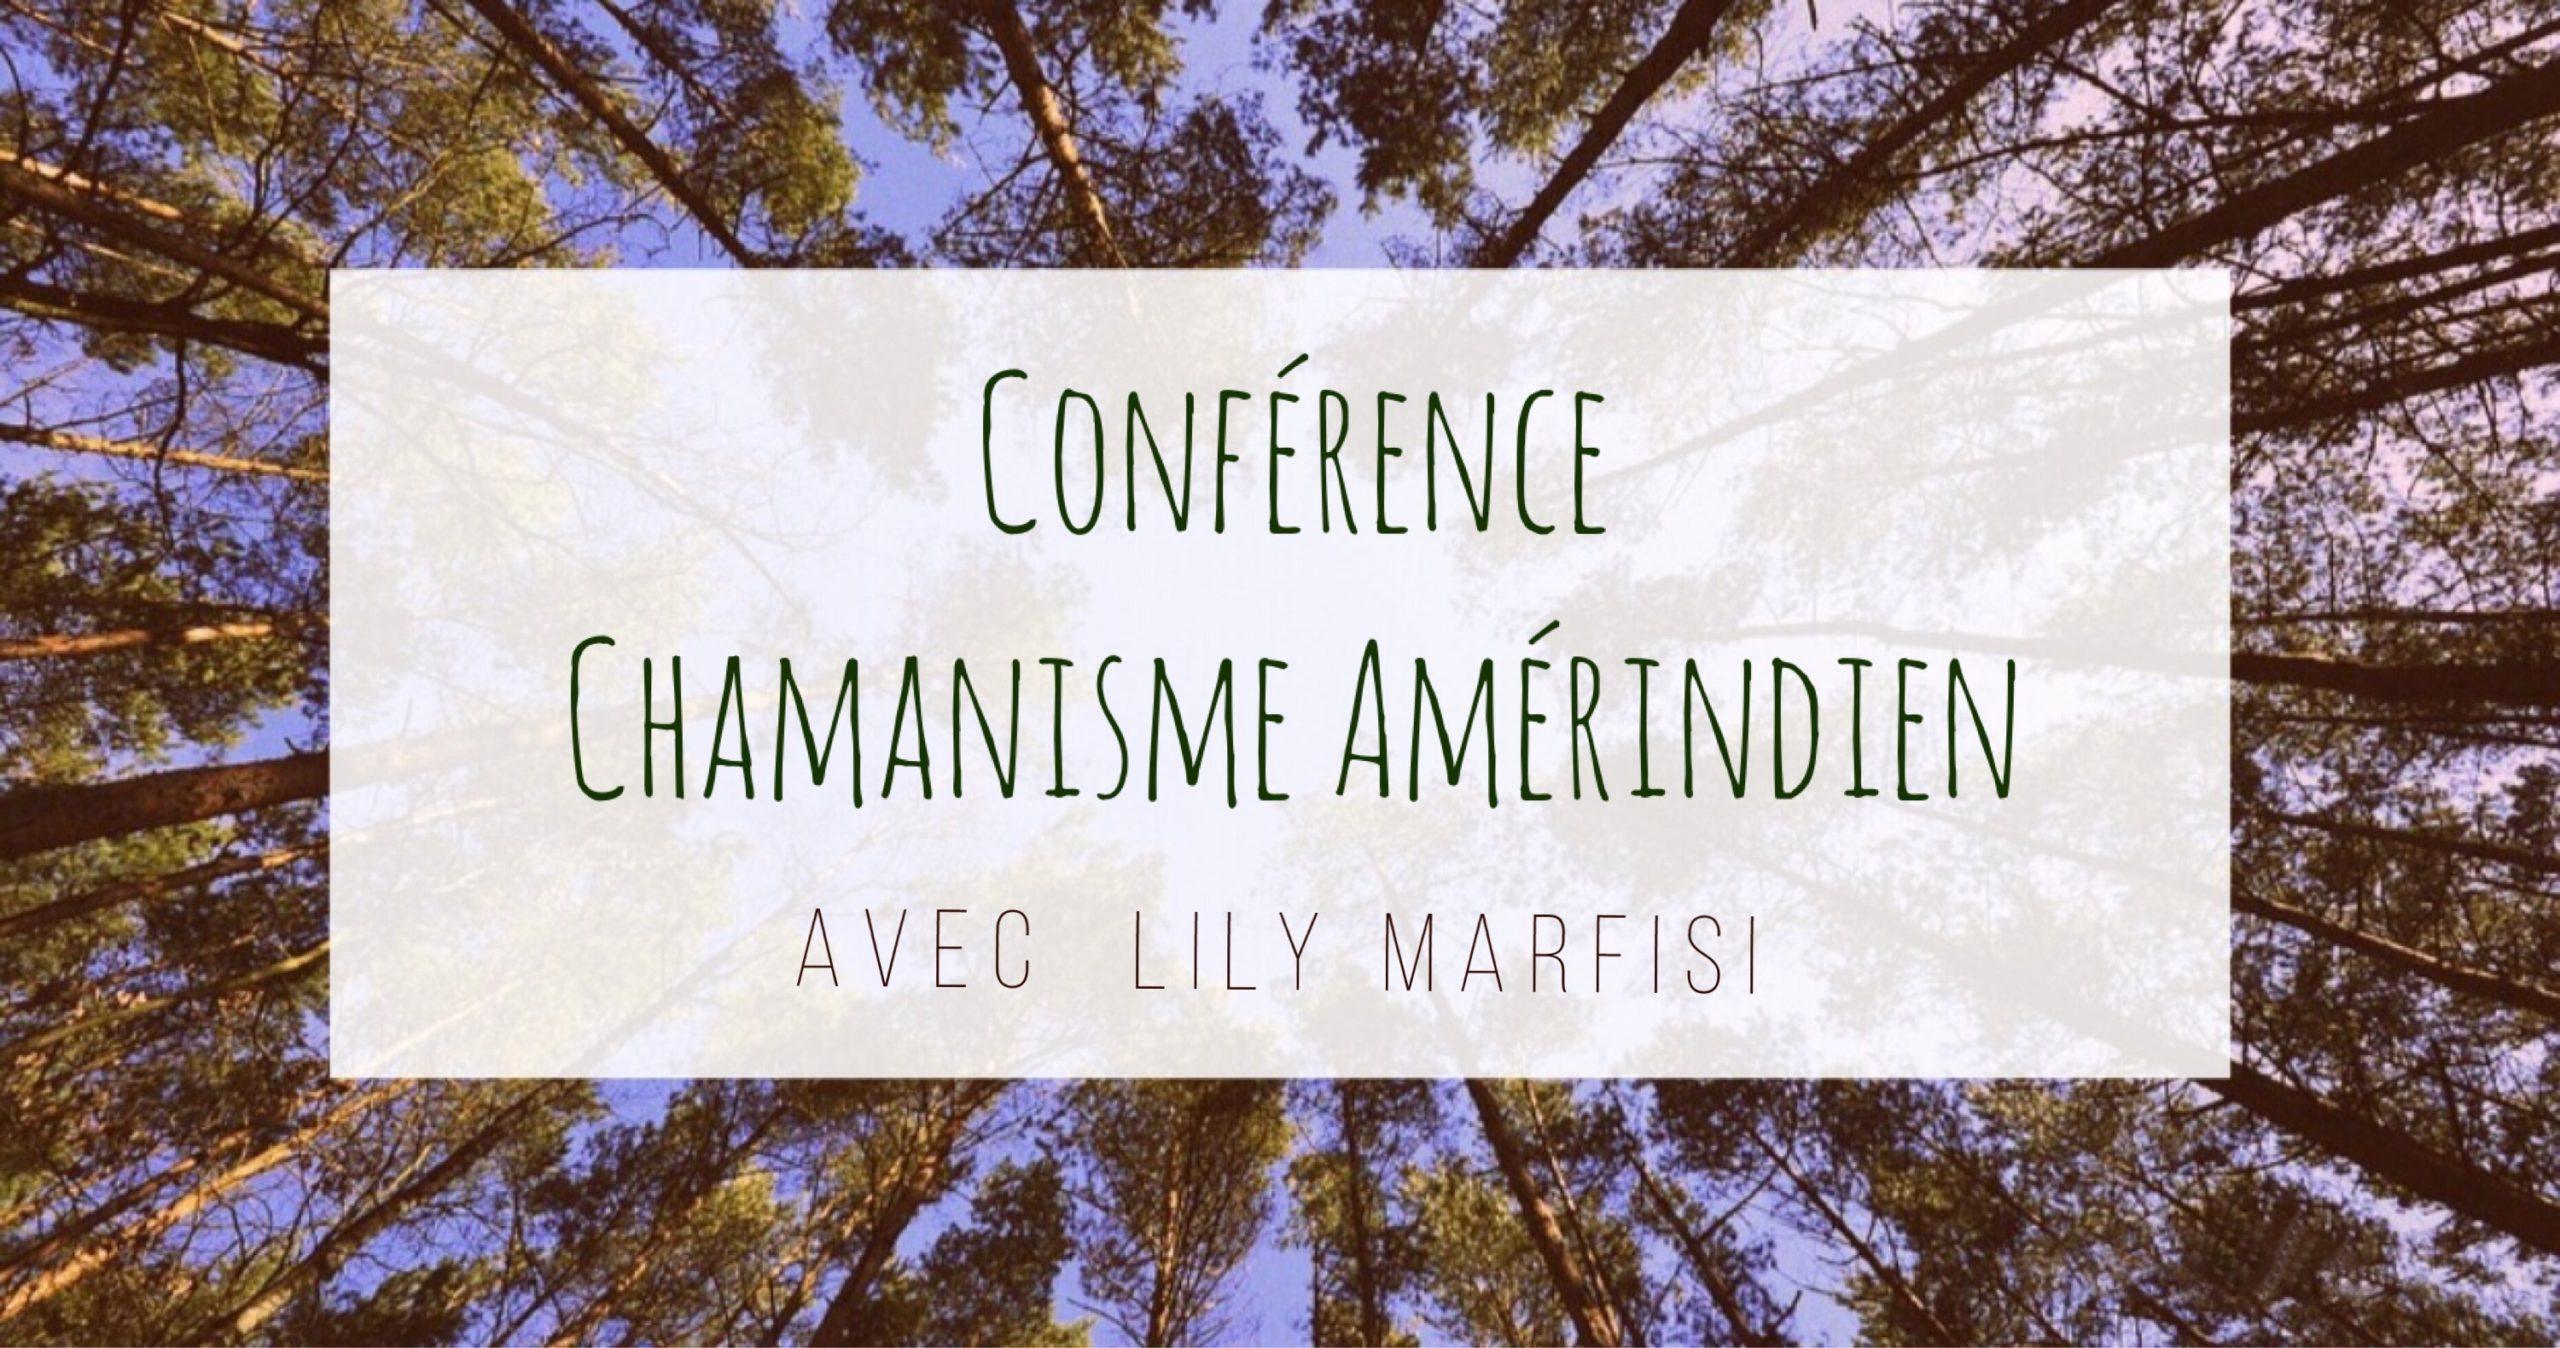 Conférence sur le Chamanisme Amérindien & Voyage Chamanique